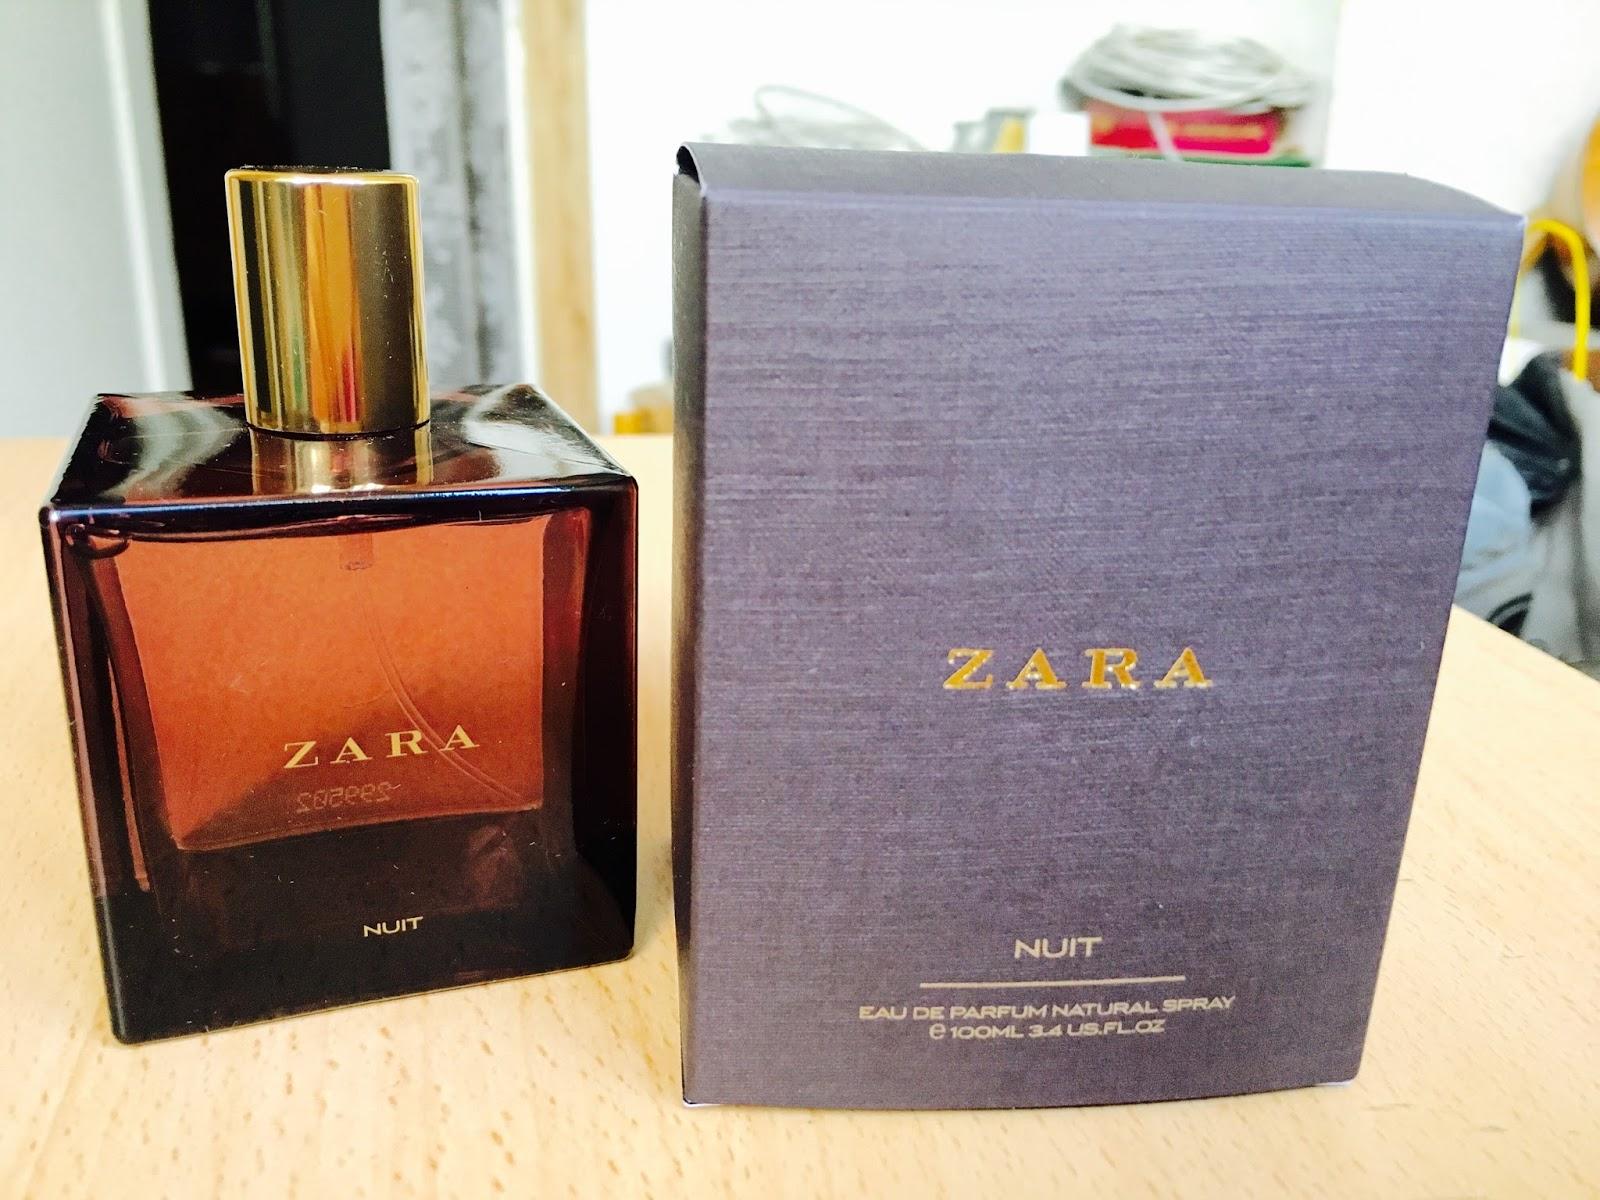 Zara Nuit